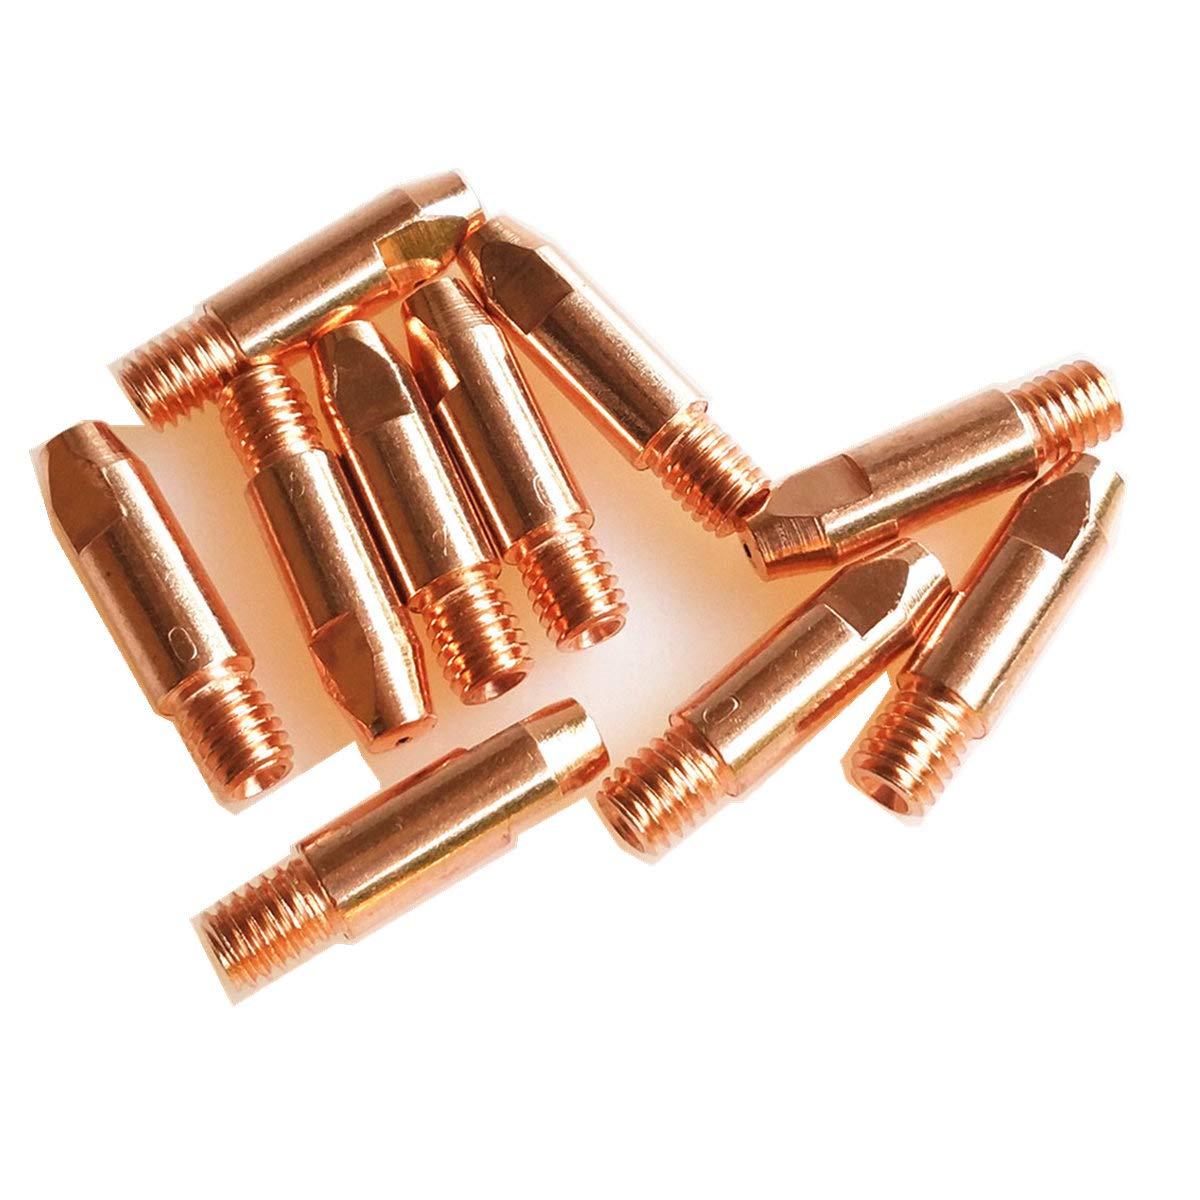 consommables pour torche//pistolet MIG pour chalumeaux de soudage MIG MAG de style europ/éen col de cygne 15AK 24KD 36KD Bouts de contact 15AK Nozzle 10pcs supports buses